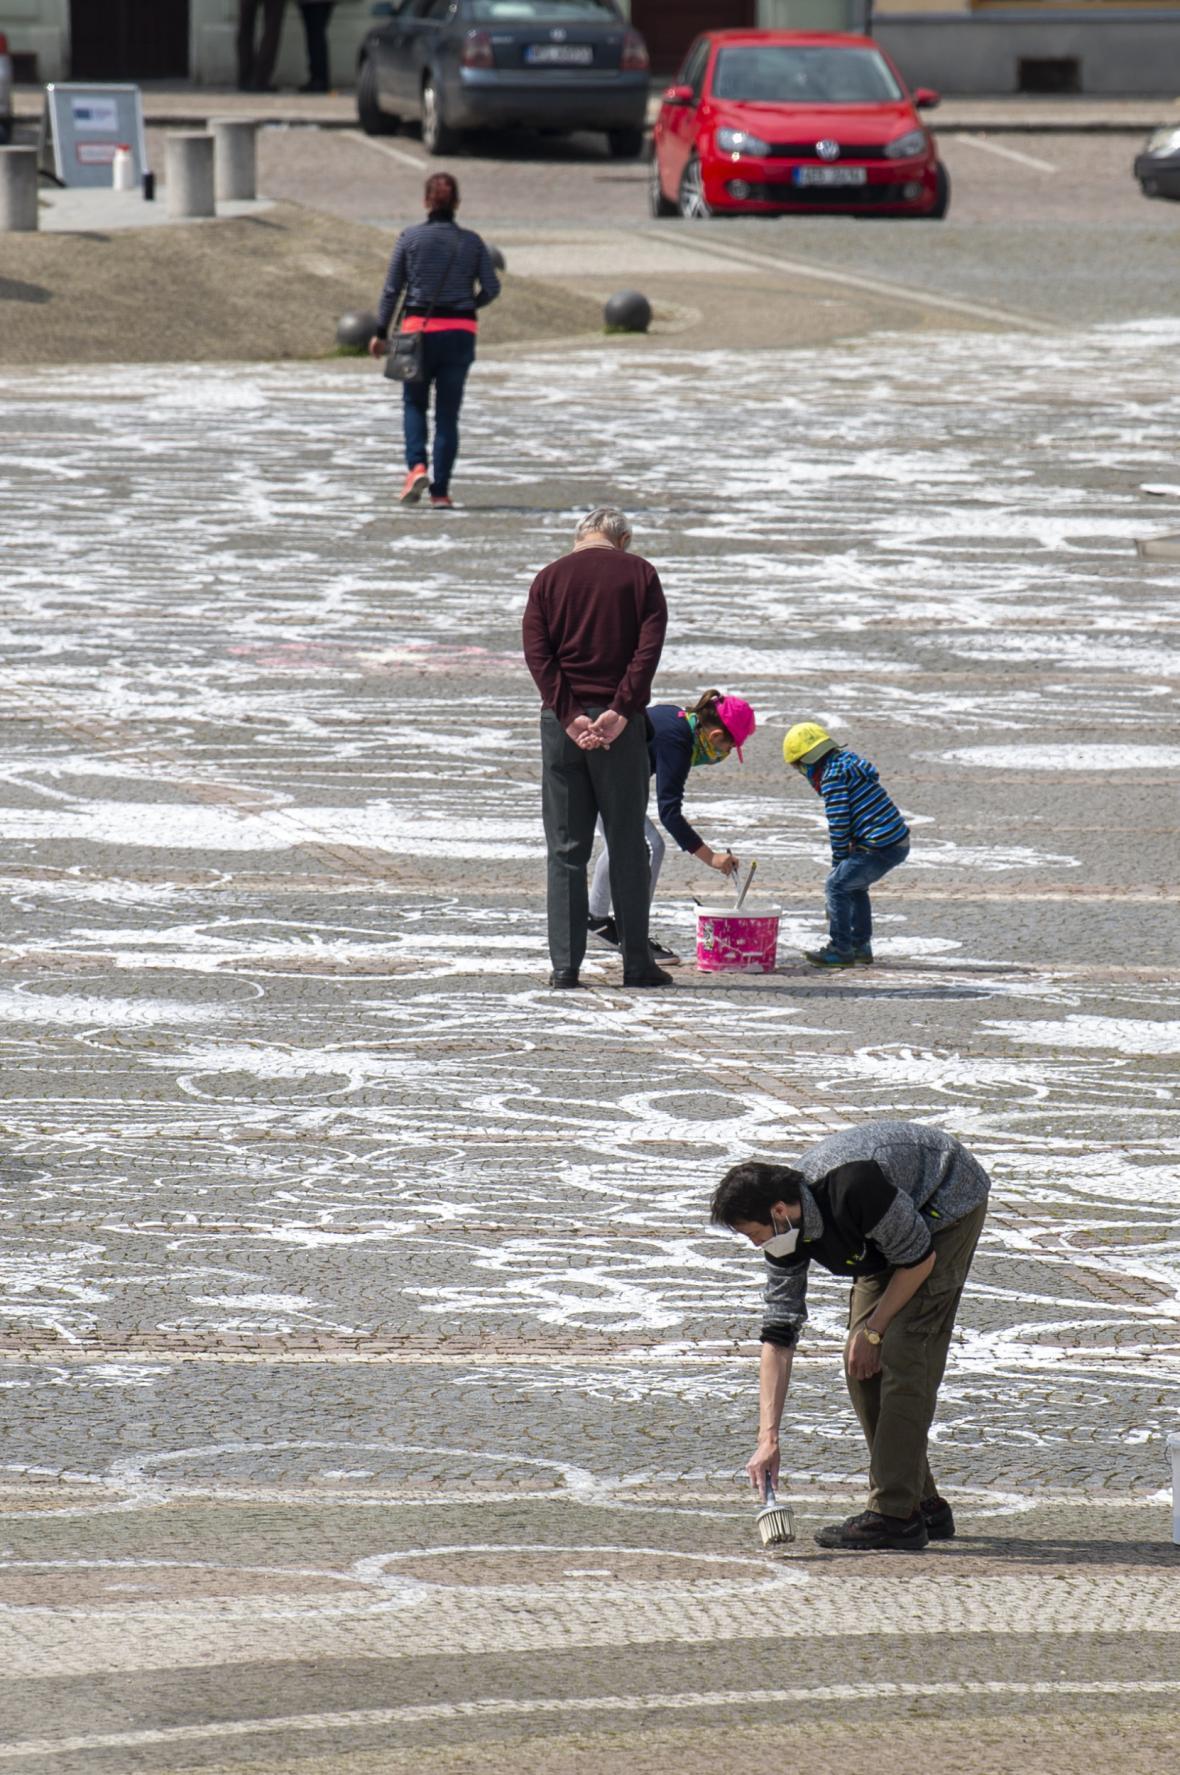 Na náměstí Přemysla Otakara II. ve Vysokém Mýtě lidé malovali na dlažbukvětinyjako poděkování zdravotníkům. Květy zaplnily celé náměstí